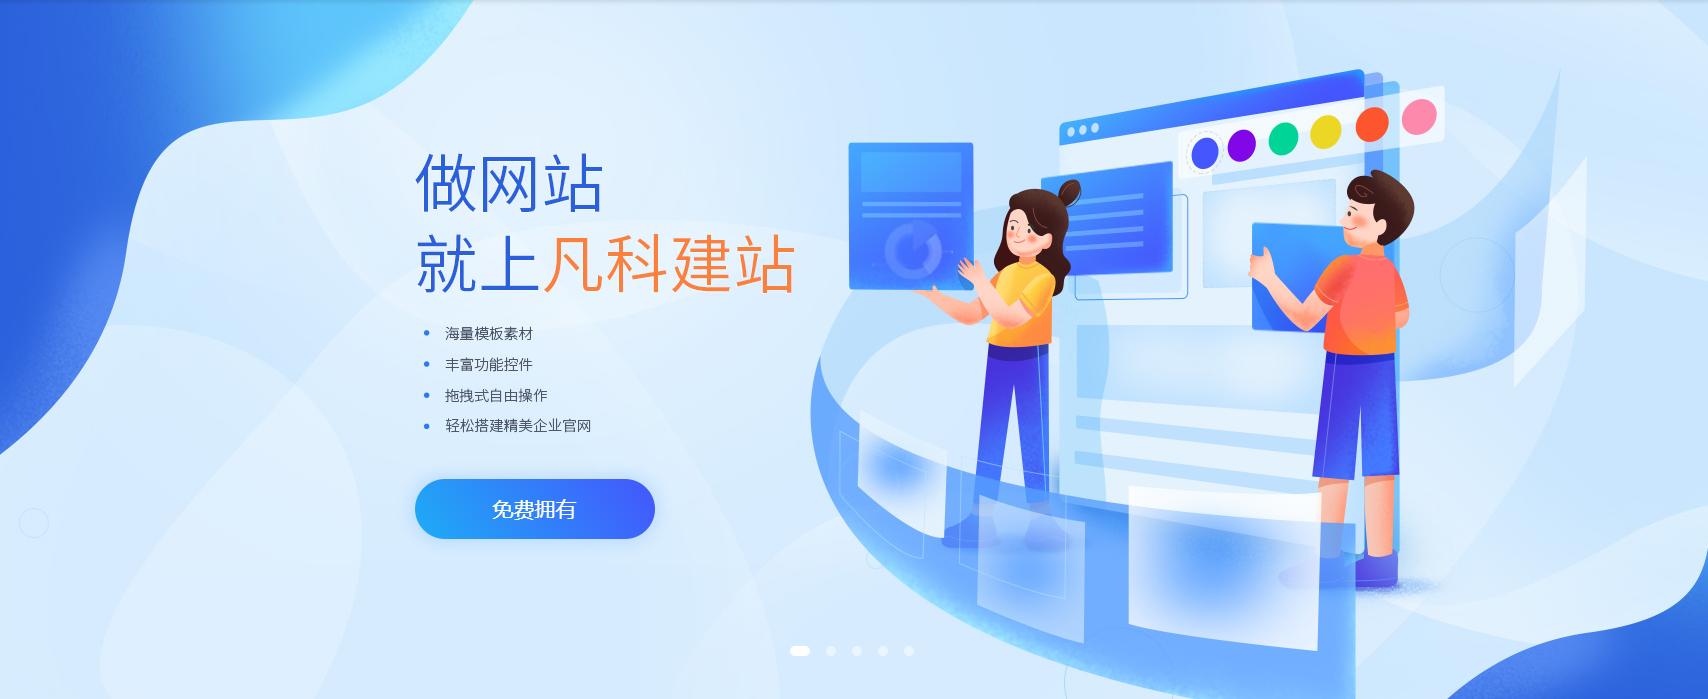 企业建设网站